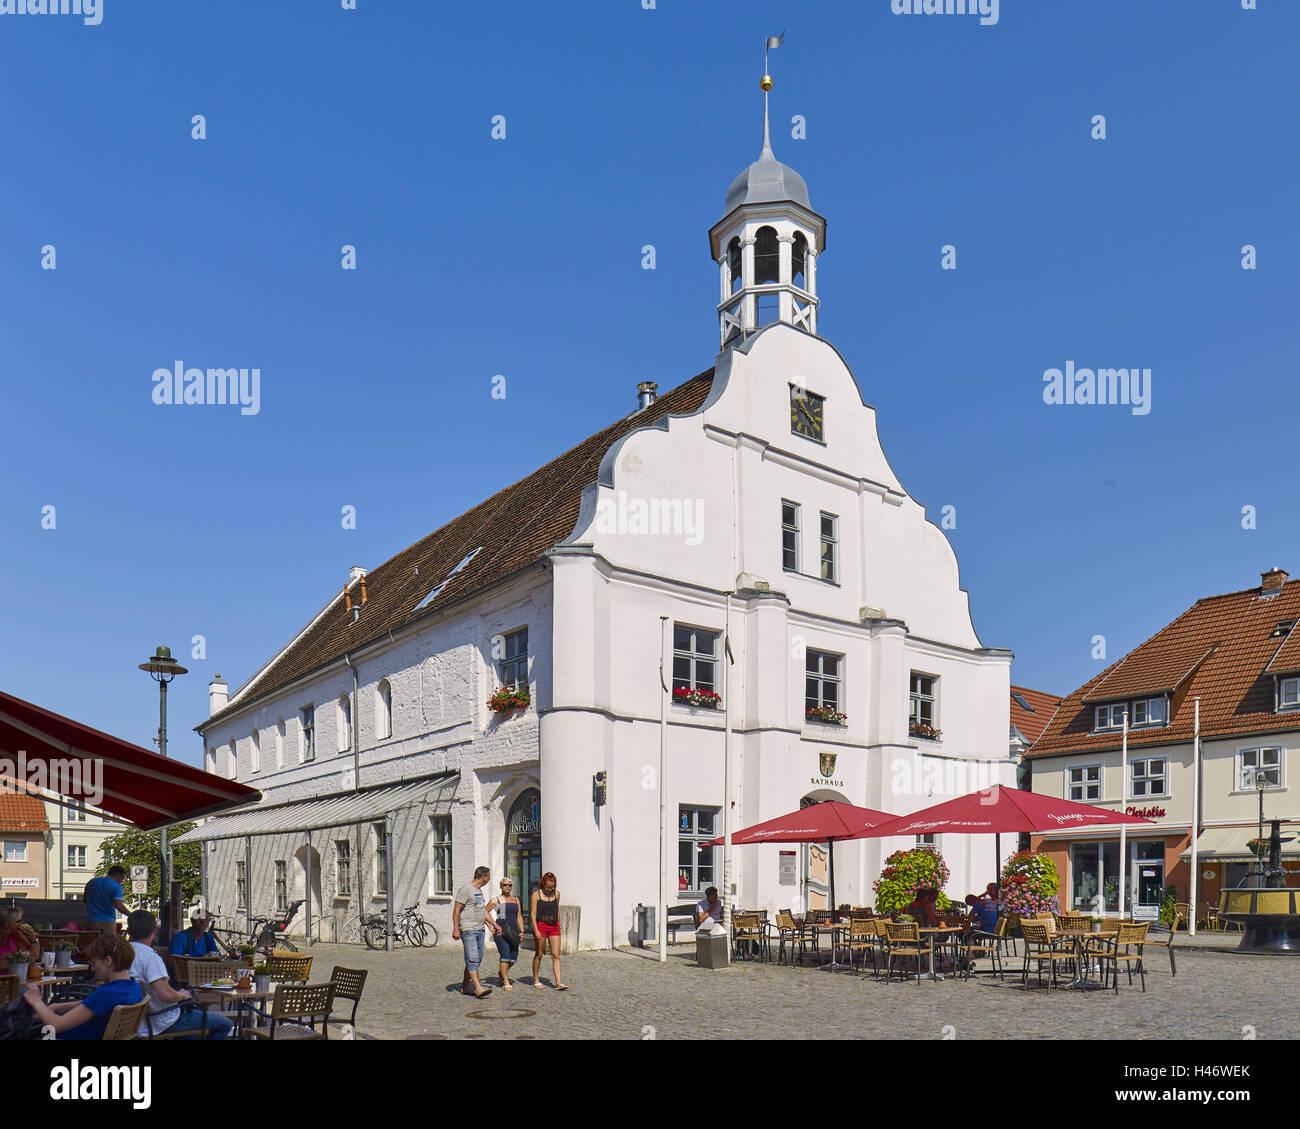 Ancien hôtel de ville de Wolgast, Mecklembourg Poméranie occidentale, Allemagne Banque D'Images